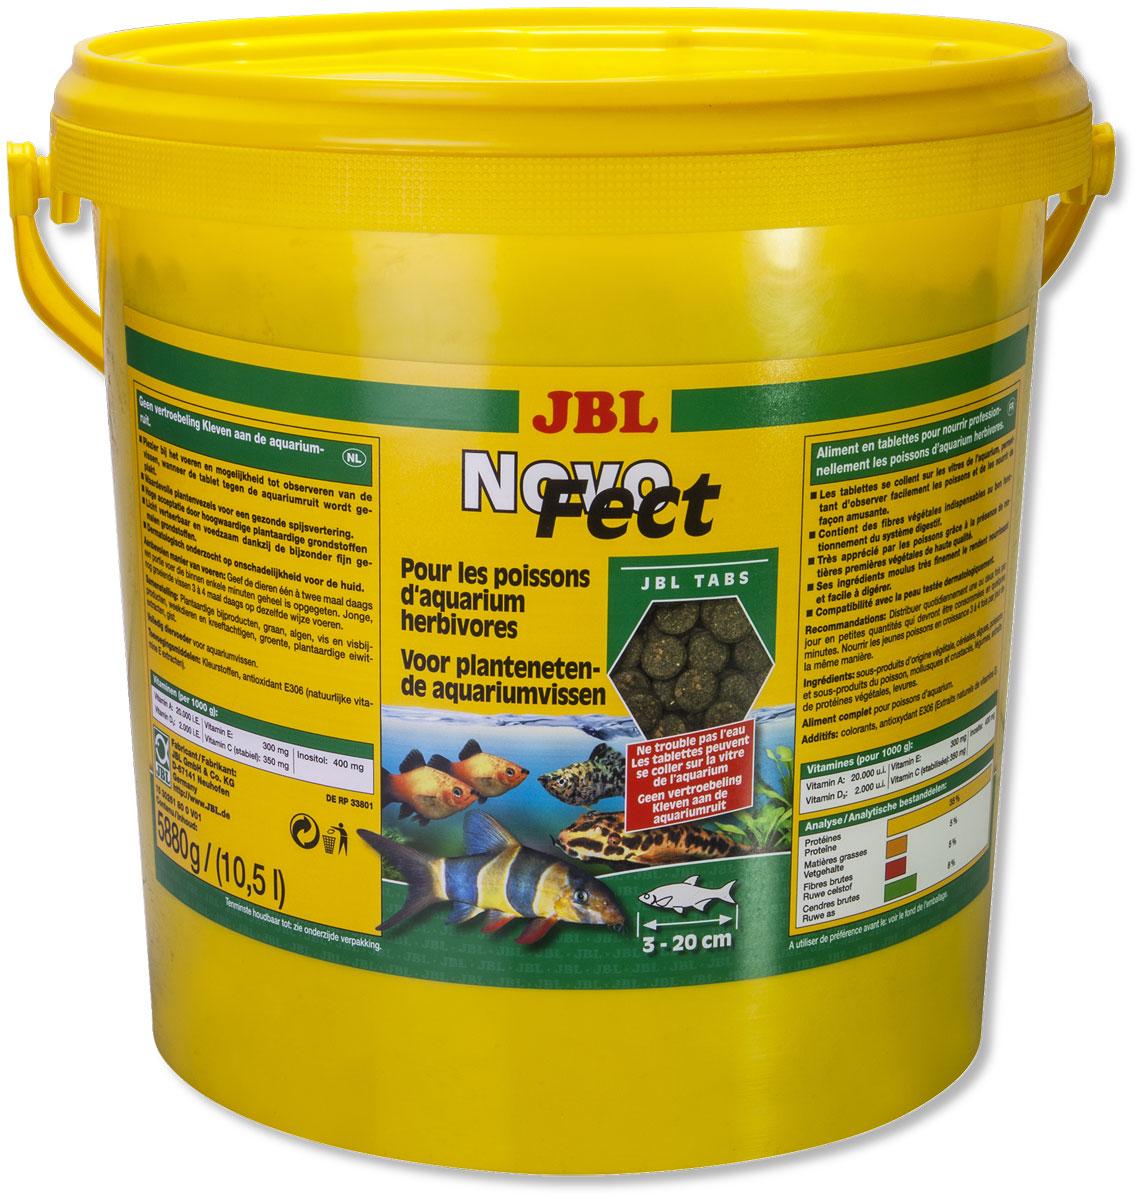 Корм JBL NovoFect, для растительноядных рыб, в таблетках, 5,88 кг (10,5 л)0120710Корм JBL NovoFect содержит все компоненты в специально сбалансированной смеси с высоким содержанием растительных веществ, которые отвечают потребностям донных рыб и рыб, обитающих в средней зоне, питающихся преимущественно растительной пищей.Прикрепив таблетку в любом месте к стеклу аквариума, вы обеспечите рыб, обитающих в средних слоях воды, кормом и можете наблюдать за ними в процессе поедания корма. Просто опустив таблетку на дно аквариума, вы обеспечите кормом сомов и других донных рыб.Состав: зерновые, водоросли, рыба и рыбные побочные продукты, моллюски и ракообразные, овощи, экстракт растительного белка.Анализ: протеин 35%, жир 5%, клетчатка 5%, чистая зола 8%.Товар сертифицирован.